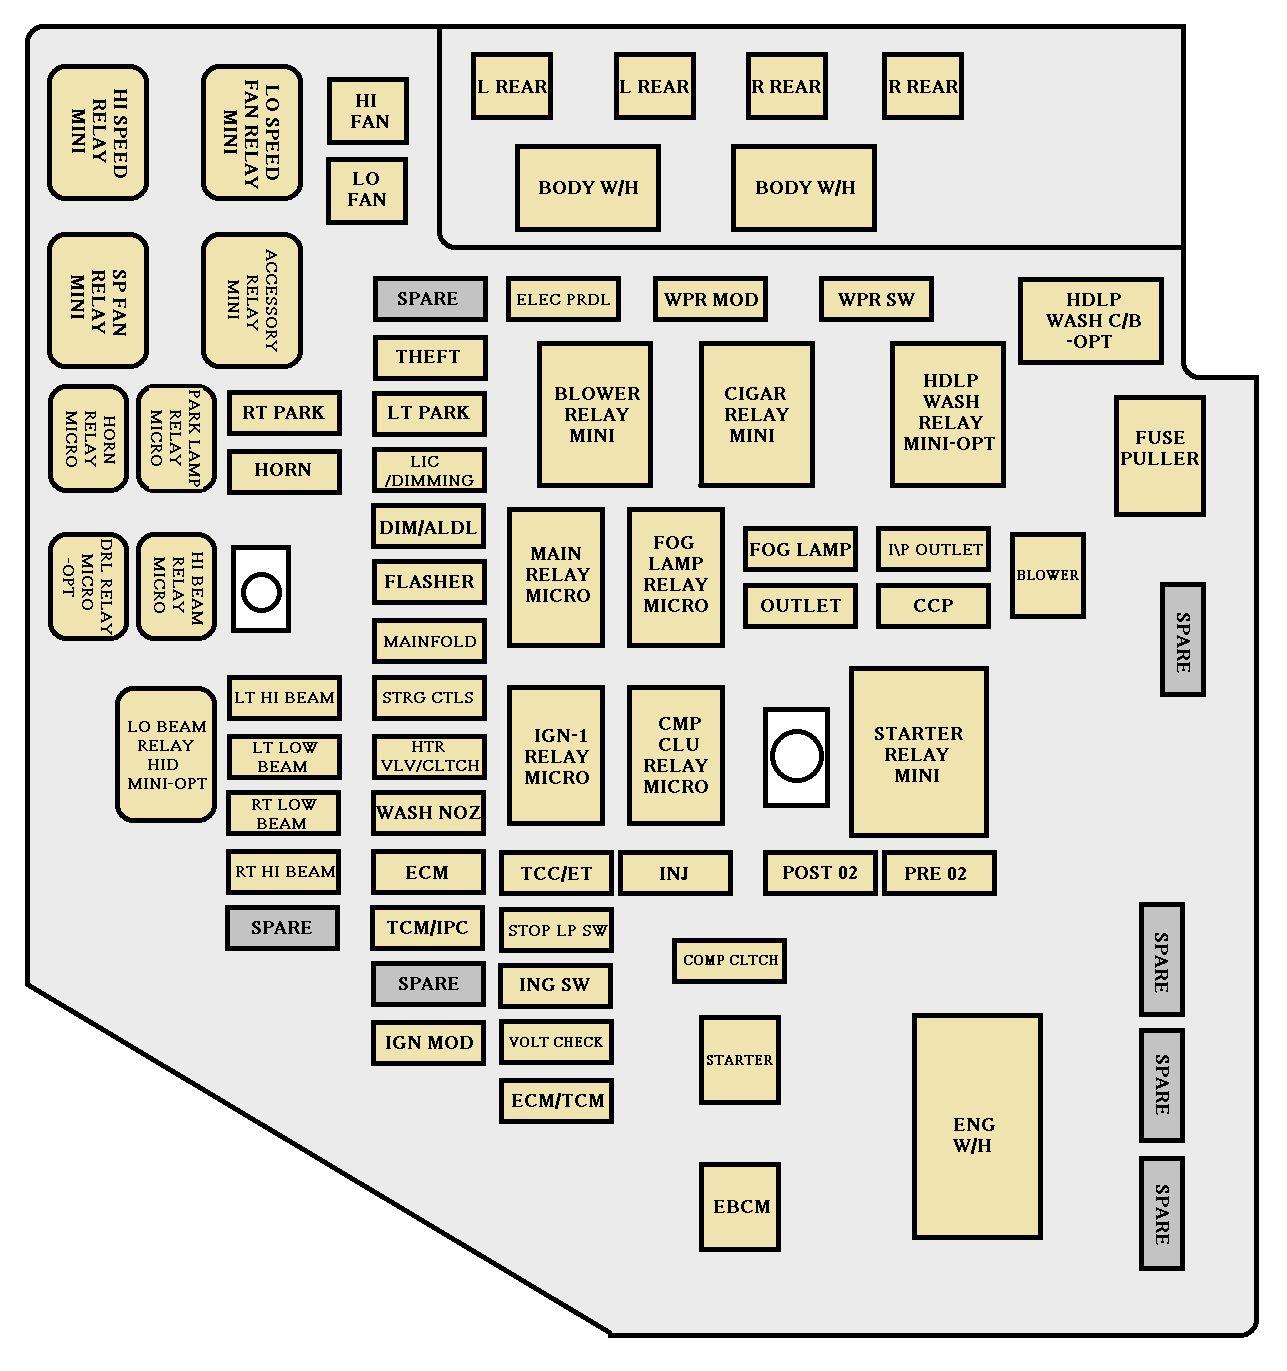 911ep Light Bar Wiring Diagram Elite